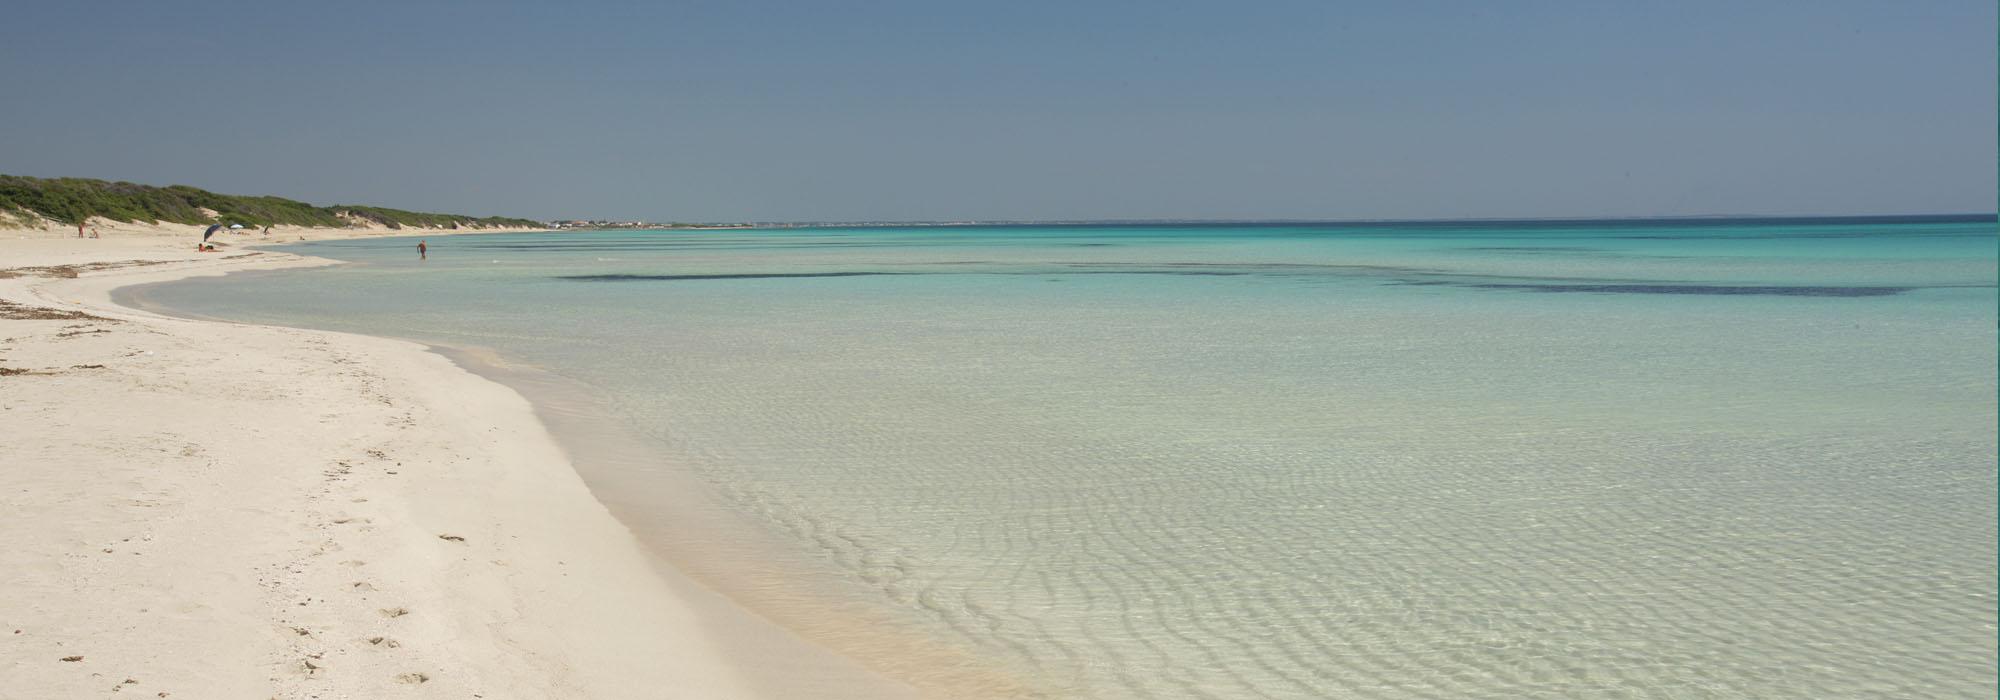 Hotel Economici Maldive